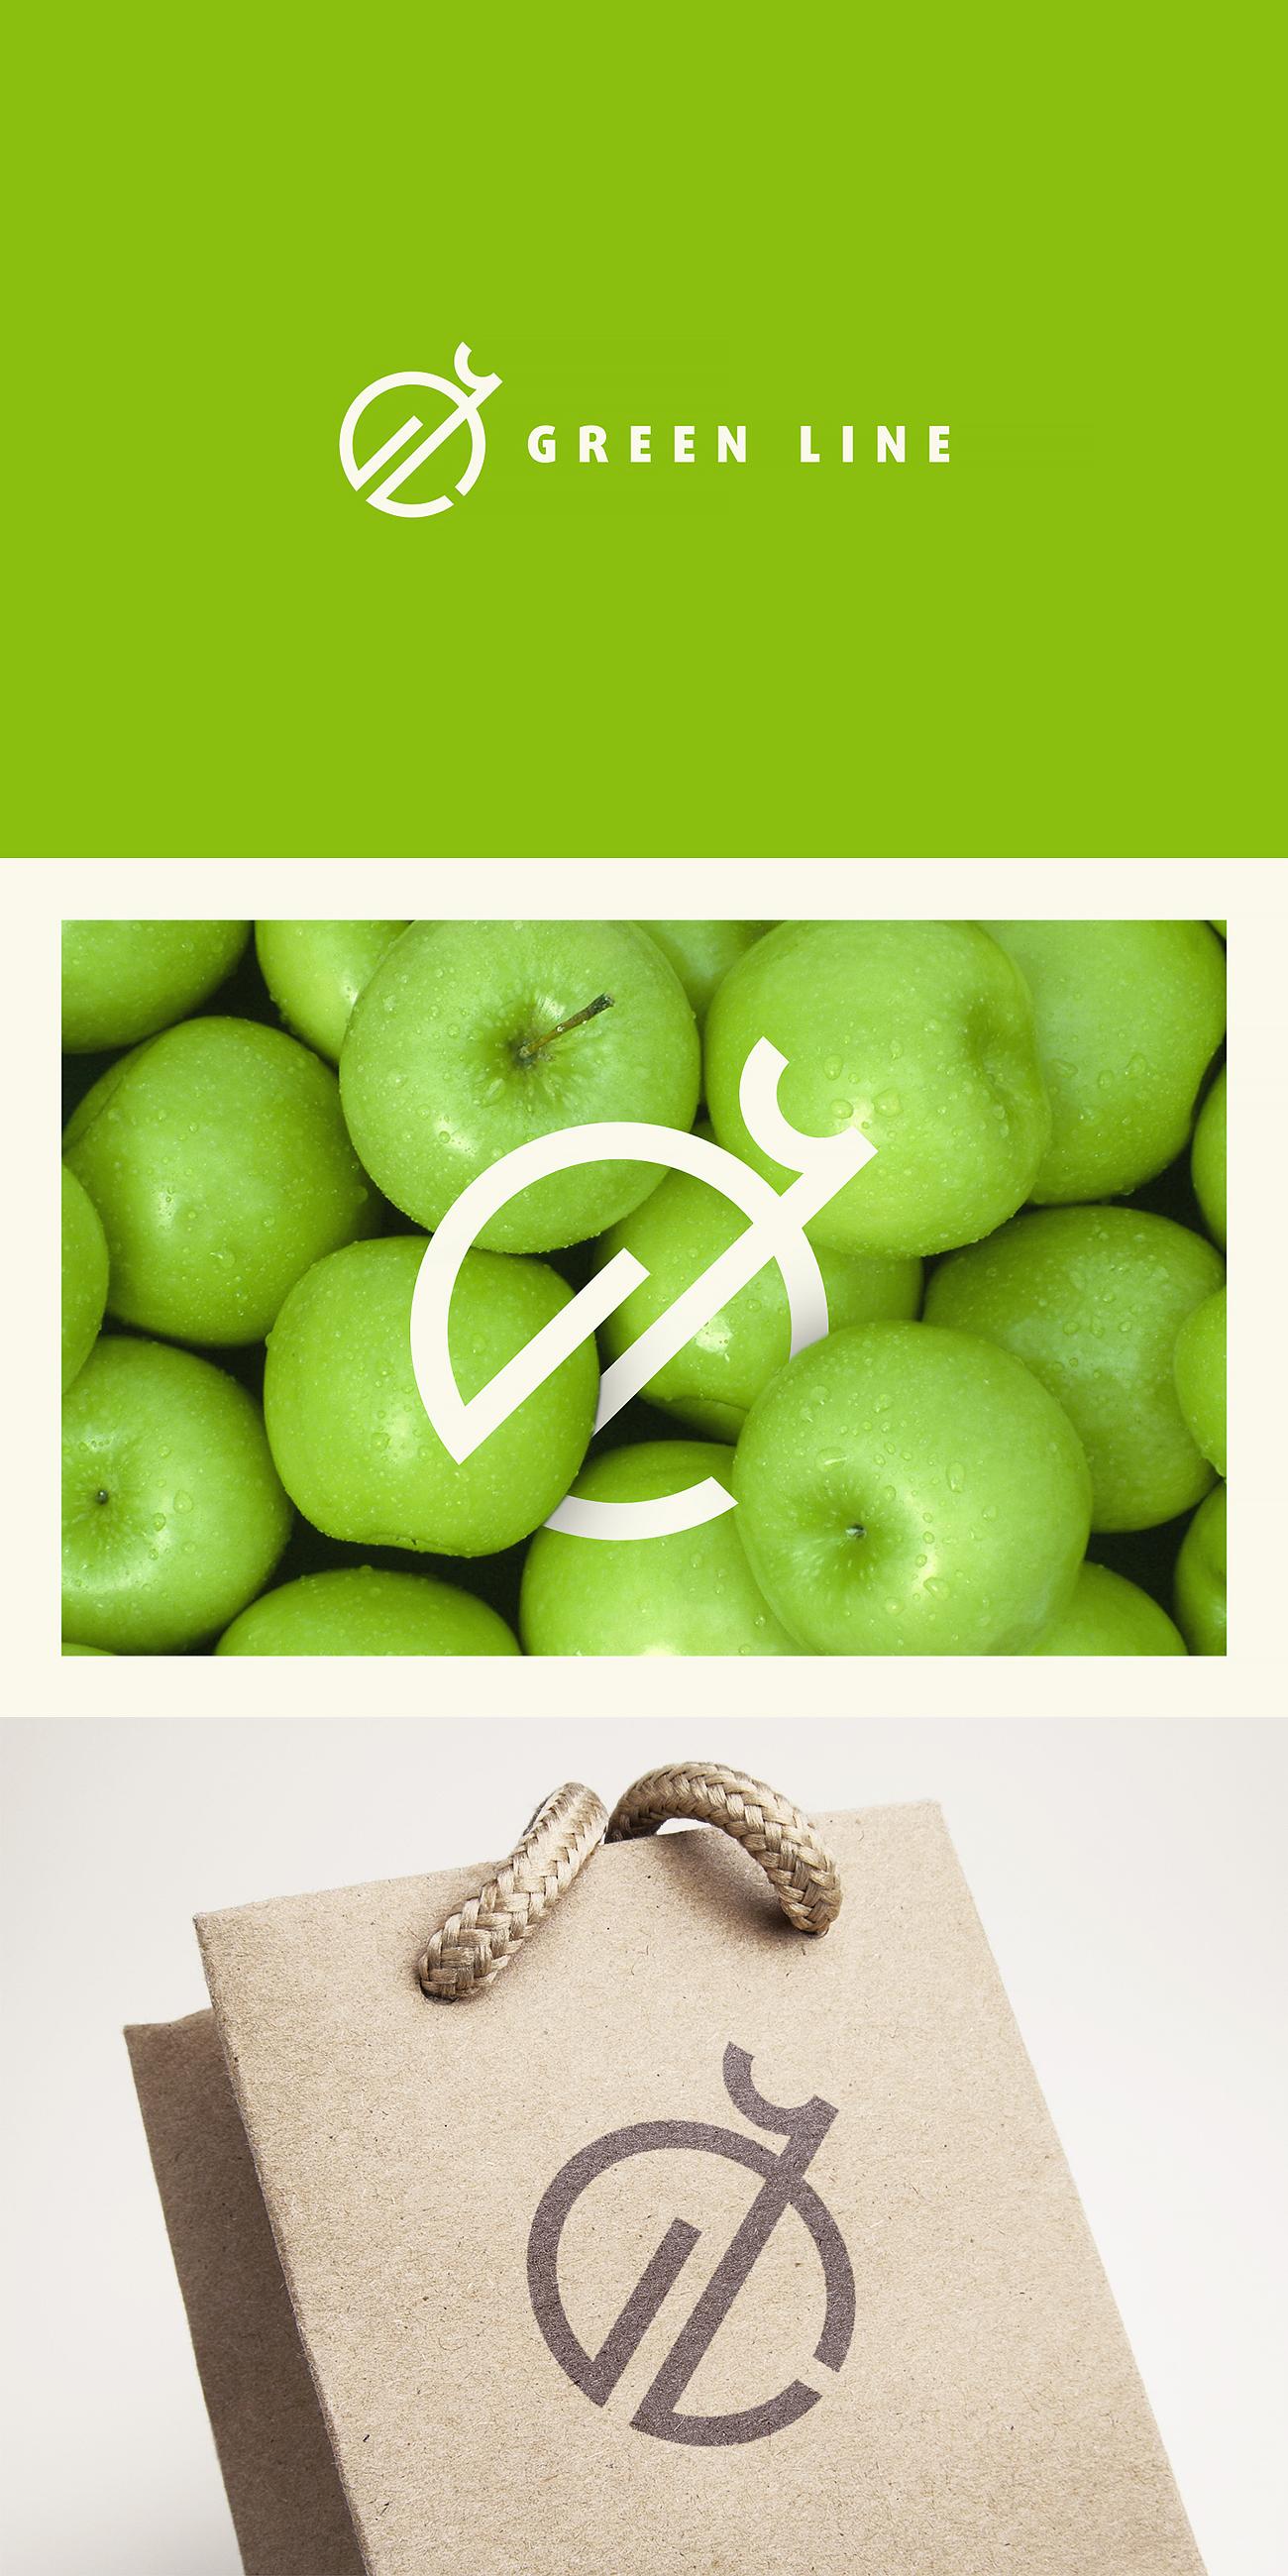 """Разработка Логотипа и фирменного стиля ООО """"Грин лайн"""" фото f_6825db47082a4f64.jpg"""